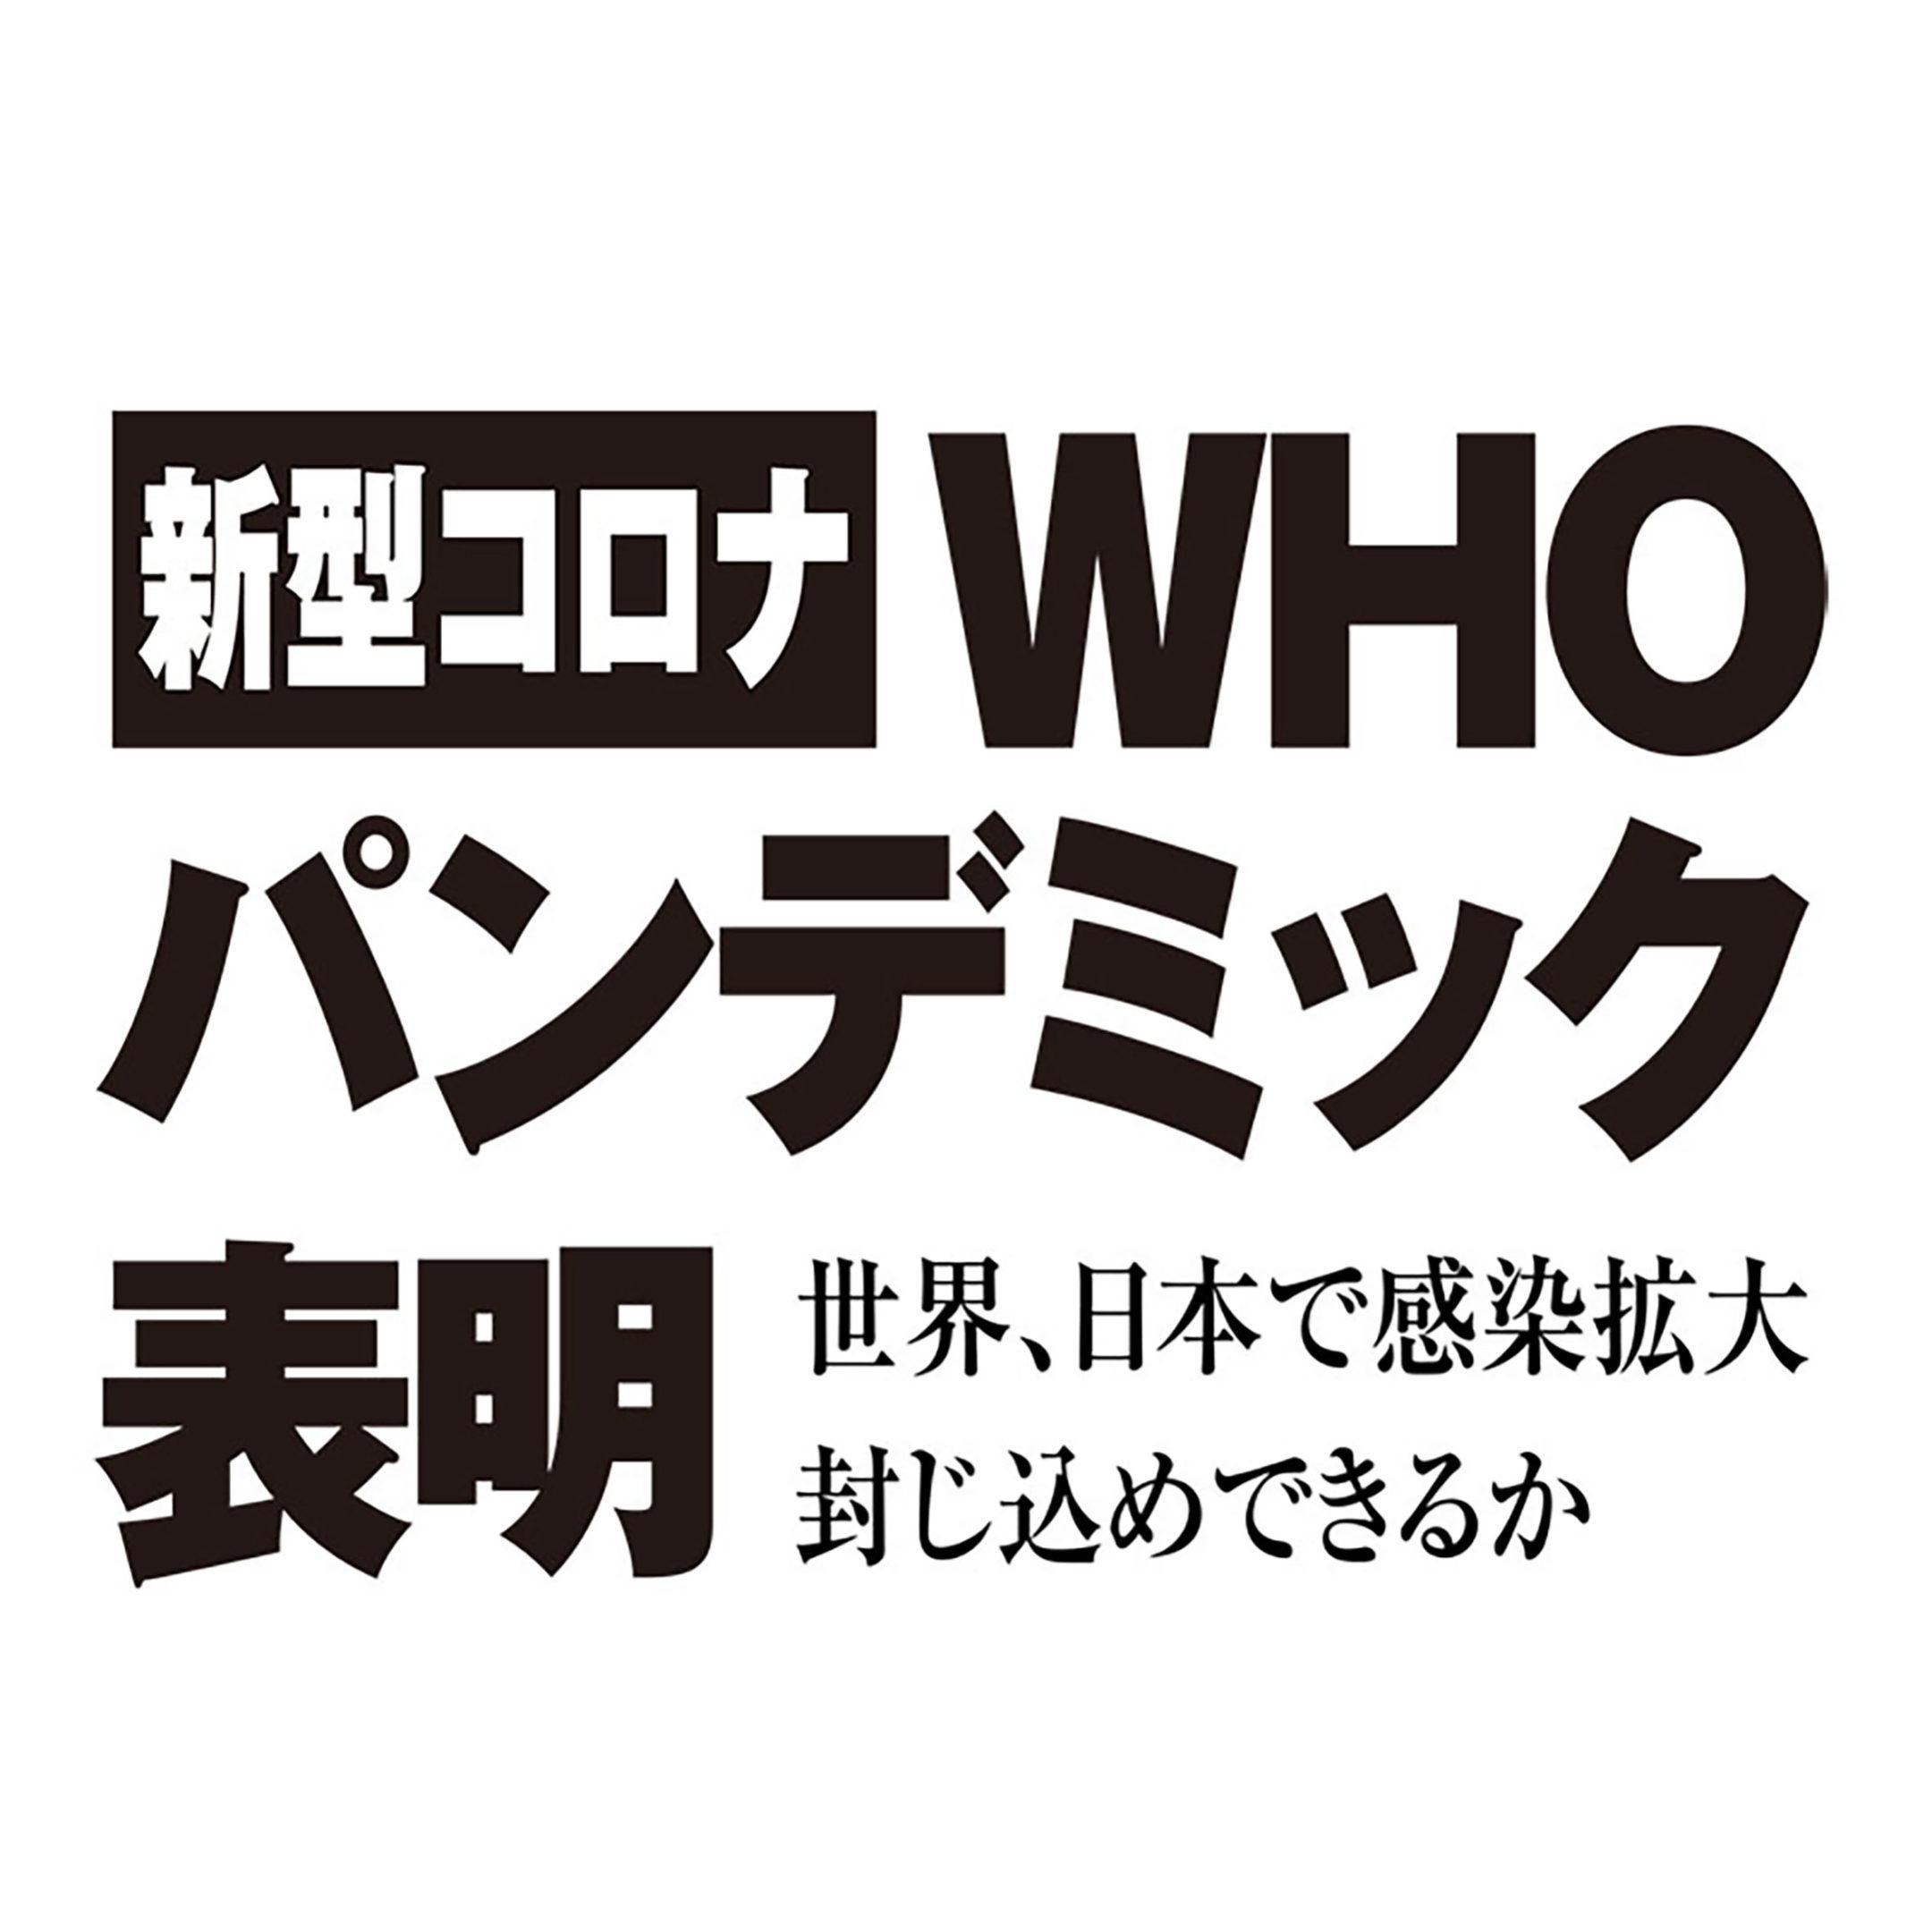 新型コロナ WHOパンデミック表明